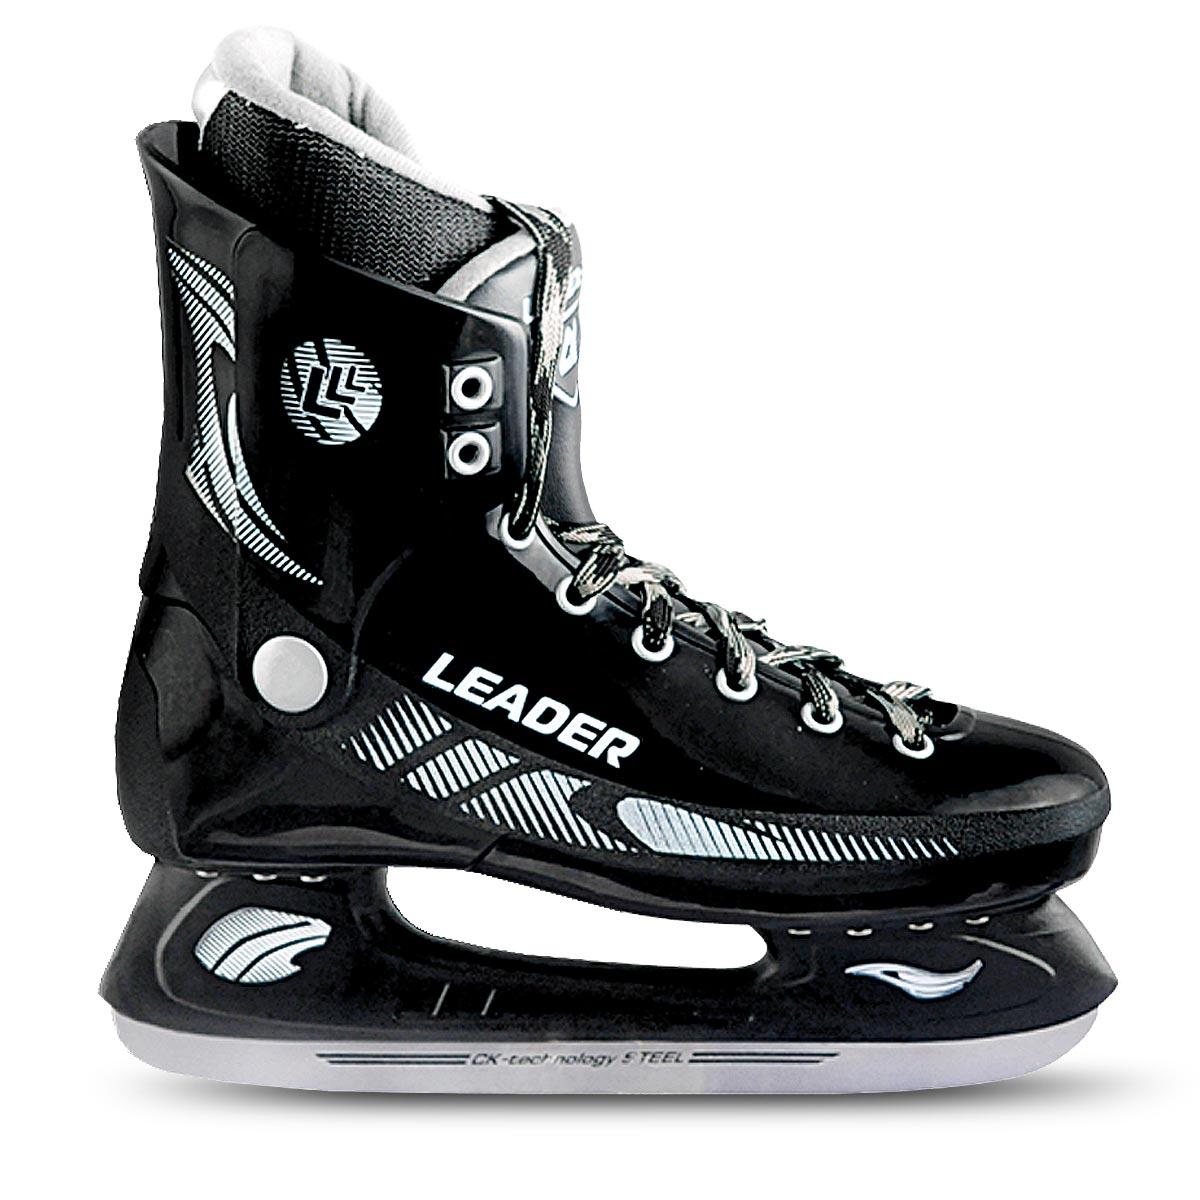 Коньки хоккейные для мальчика СК Leader, цвет: черный. Размер 33LeaderСтильные коньки для мальчика от CK Leader с ударопрочной защитной конструкцией прекрасно подойдут для начинающих игроков в хоккей. Ботинки изготовлены из морозостойкого пластика, который защитит ноги от ударов. Верх изделия оформлен шнуровкой, которая надежно фиксируют голеностоп. Внутренний сапожок, выполненный из комбинации капровелюра и искусственной кожи, обеспечит тепло и комфорт во время катания. Подкладка и стелька исполнены из текстиля. Голеностоп имеет удобный суппорт. Усиленная двух-стаканная рама с одной из боковых сторон коньки декорирована принтом, а на язычке - тиснением в виде логотипа бренда. Подошва - из твердого ПВХ. Фигурное лезвие изготовлено из нержавеющей углеродистой стали со специальным покрытием, придающим дополнительную прочность. Стильные коньки придутся по душе вашему ребенку.